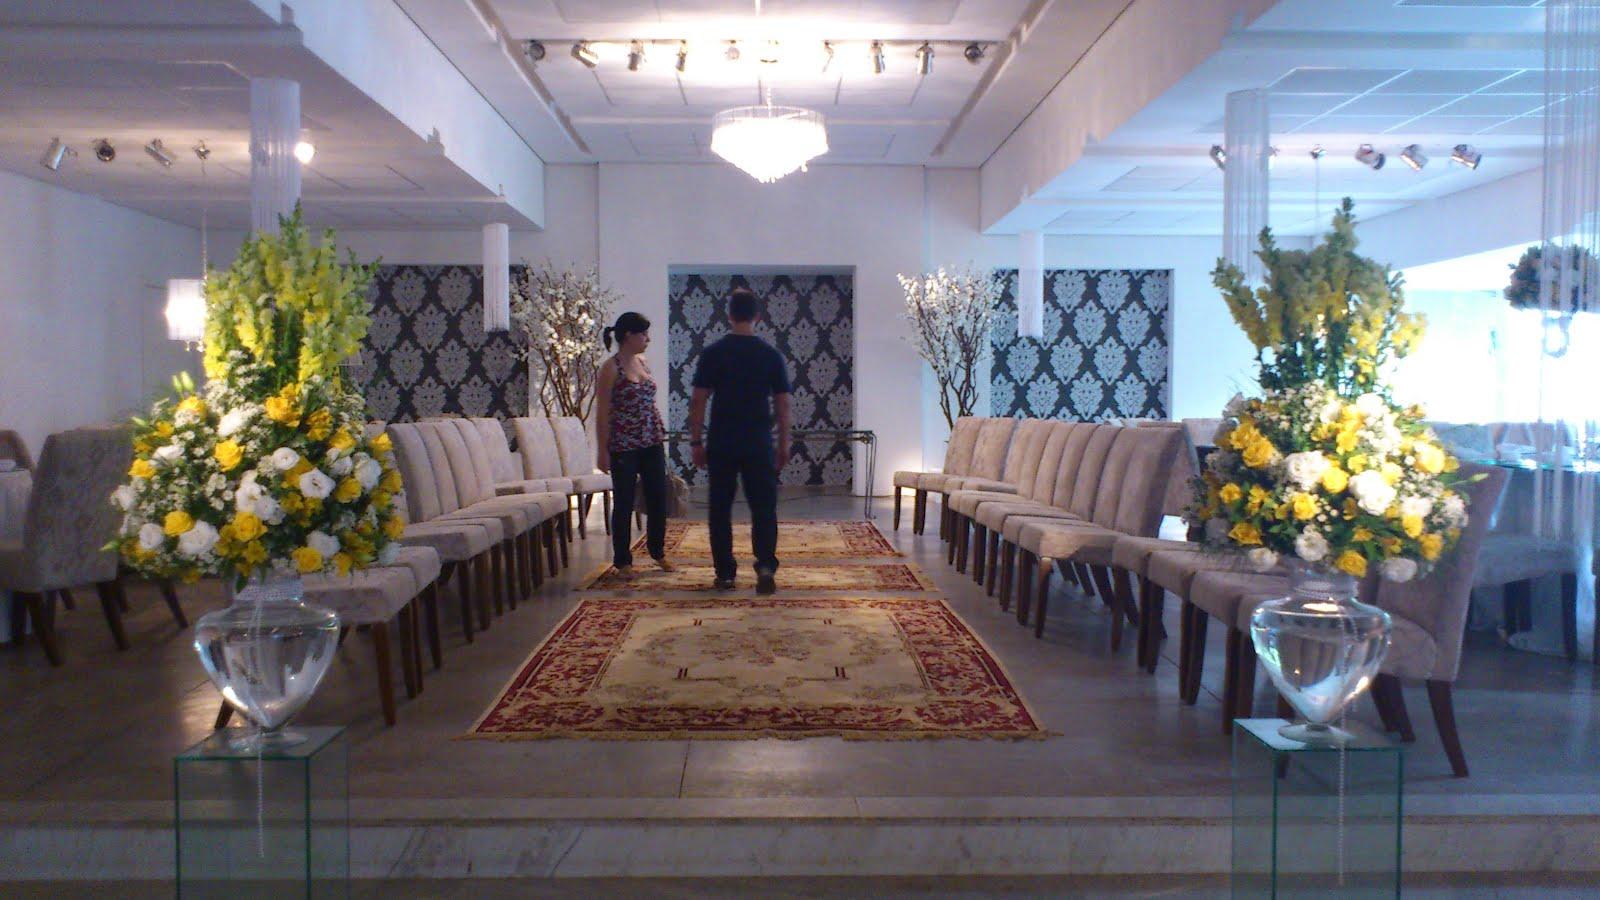 de decoração, logo as noivas tem muiiitas possibilidades para